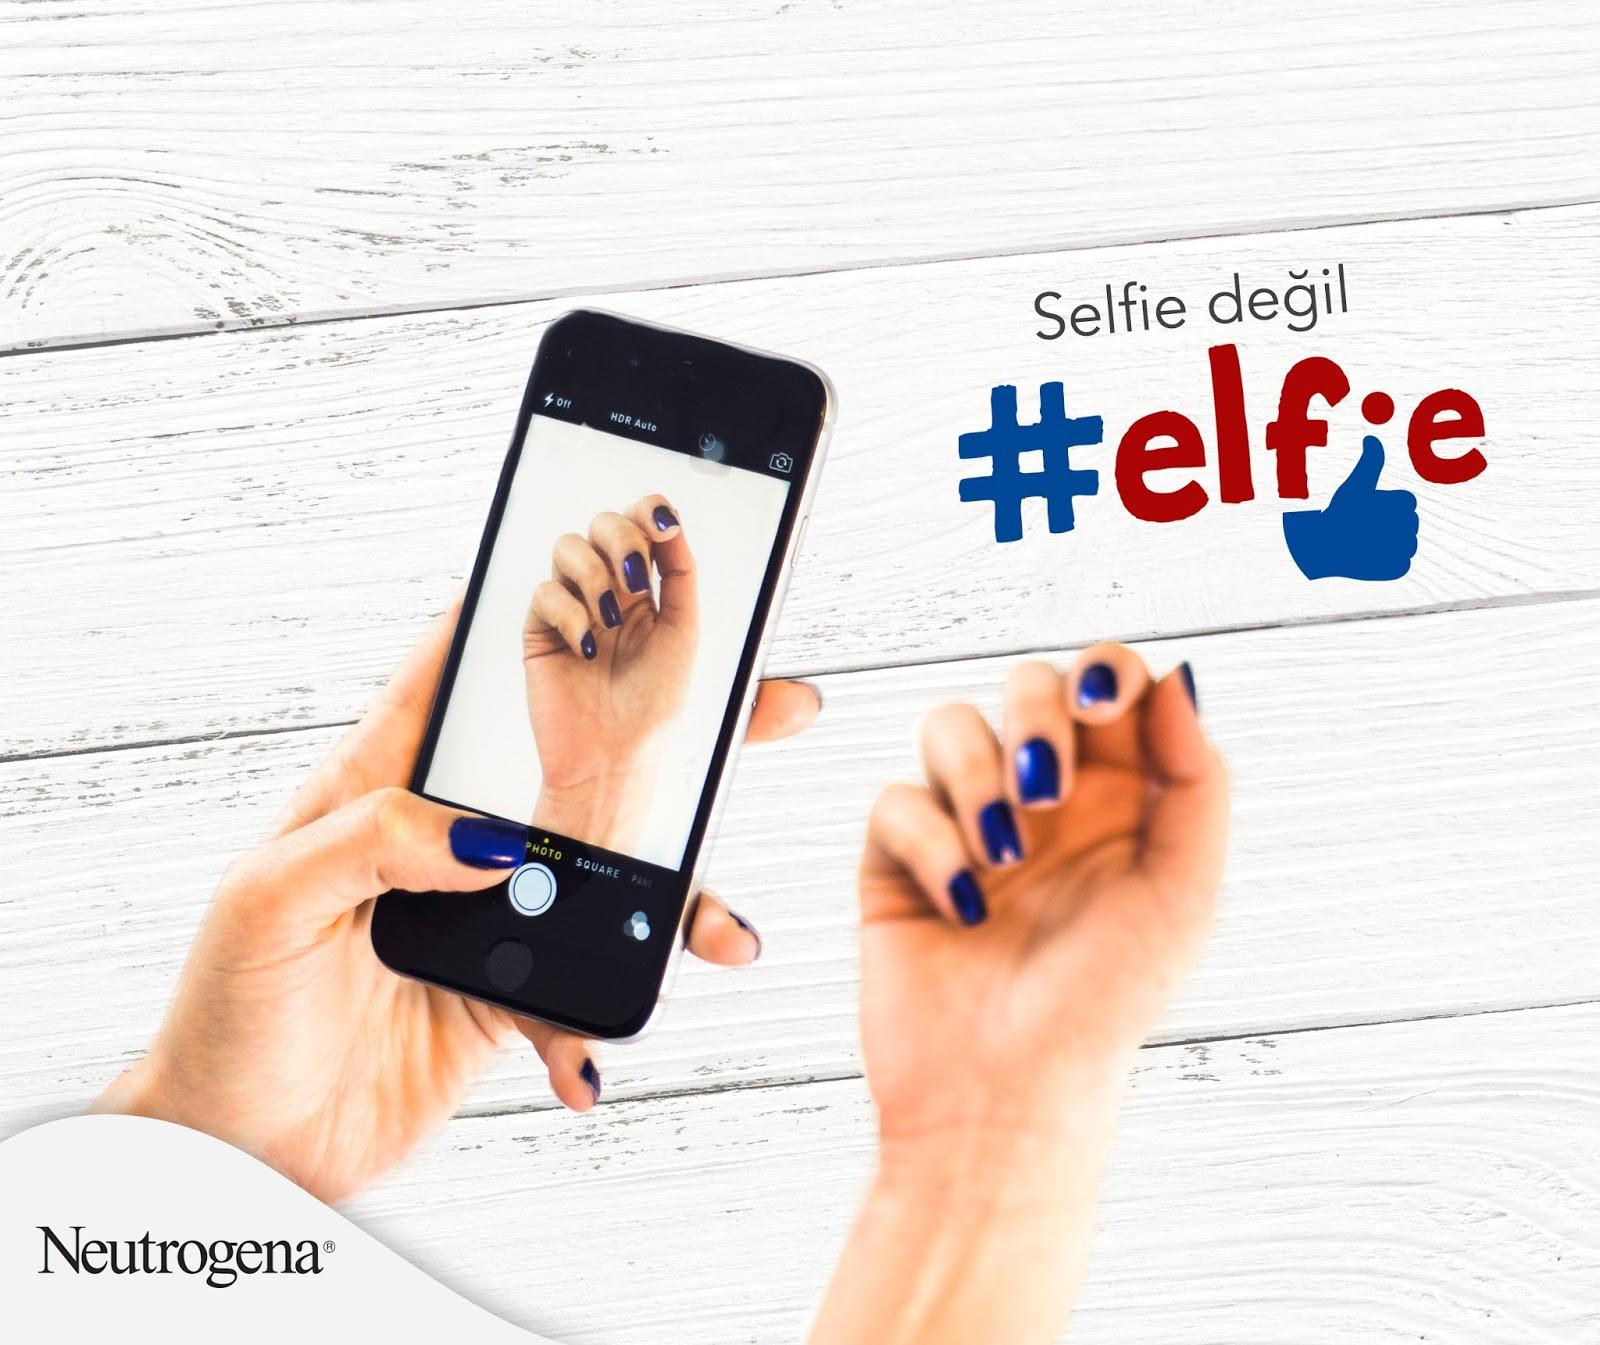 selfie - elfie - neutrogena - Neutrogena el kremi